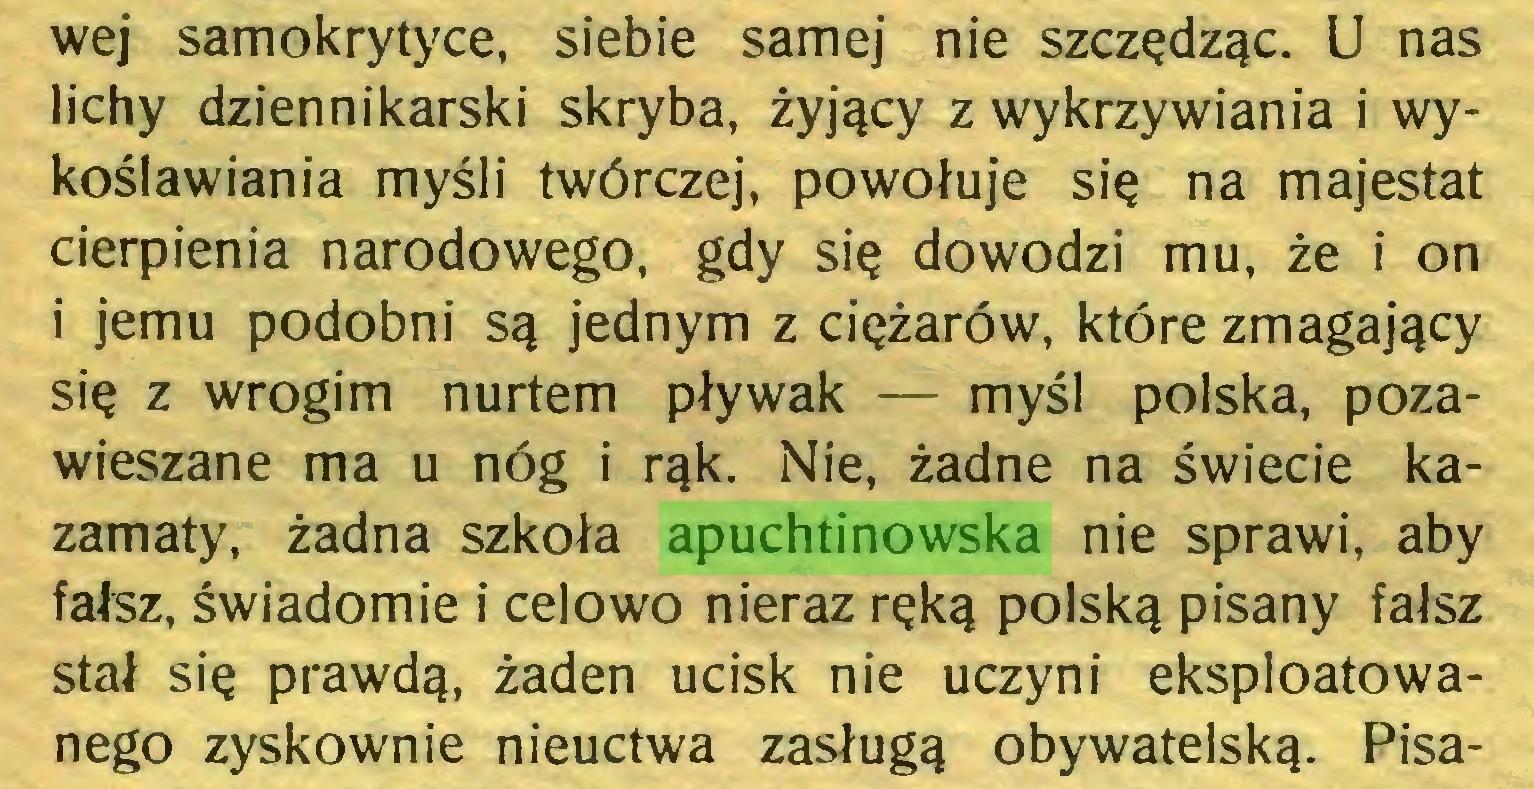 (...) wej samokrytyce, siebie samej nie szczędząc. U nas lichy dziennikarski skryba, żyjący z wykrzywiania i wykoślawiania myśli twórczej, powołuje się na majestat cierpienia narodowego, gdy się dowodzi mu, że i on i jemu podobni są jednym z ciężarów, które zmagający się z wrogim nurtem pływak — myśl polska, pozawieszane ma u nóg i rąk. Nie, żadne na świecie kazamaty, żadna szkoła apuchtinowska nie sprawi, aby fałsz, świadomie i celowo nieraz ręką polską pisany fałsz stał się prawdą, żaden ucisk nie uczyni eksploatowanego zyskownie nieuctwa zasługą obywatelską. Pisa...